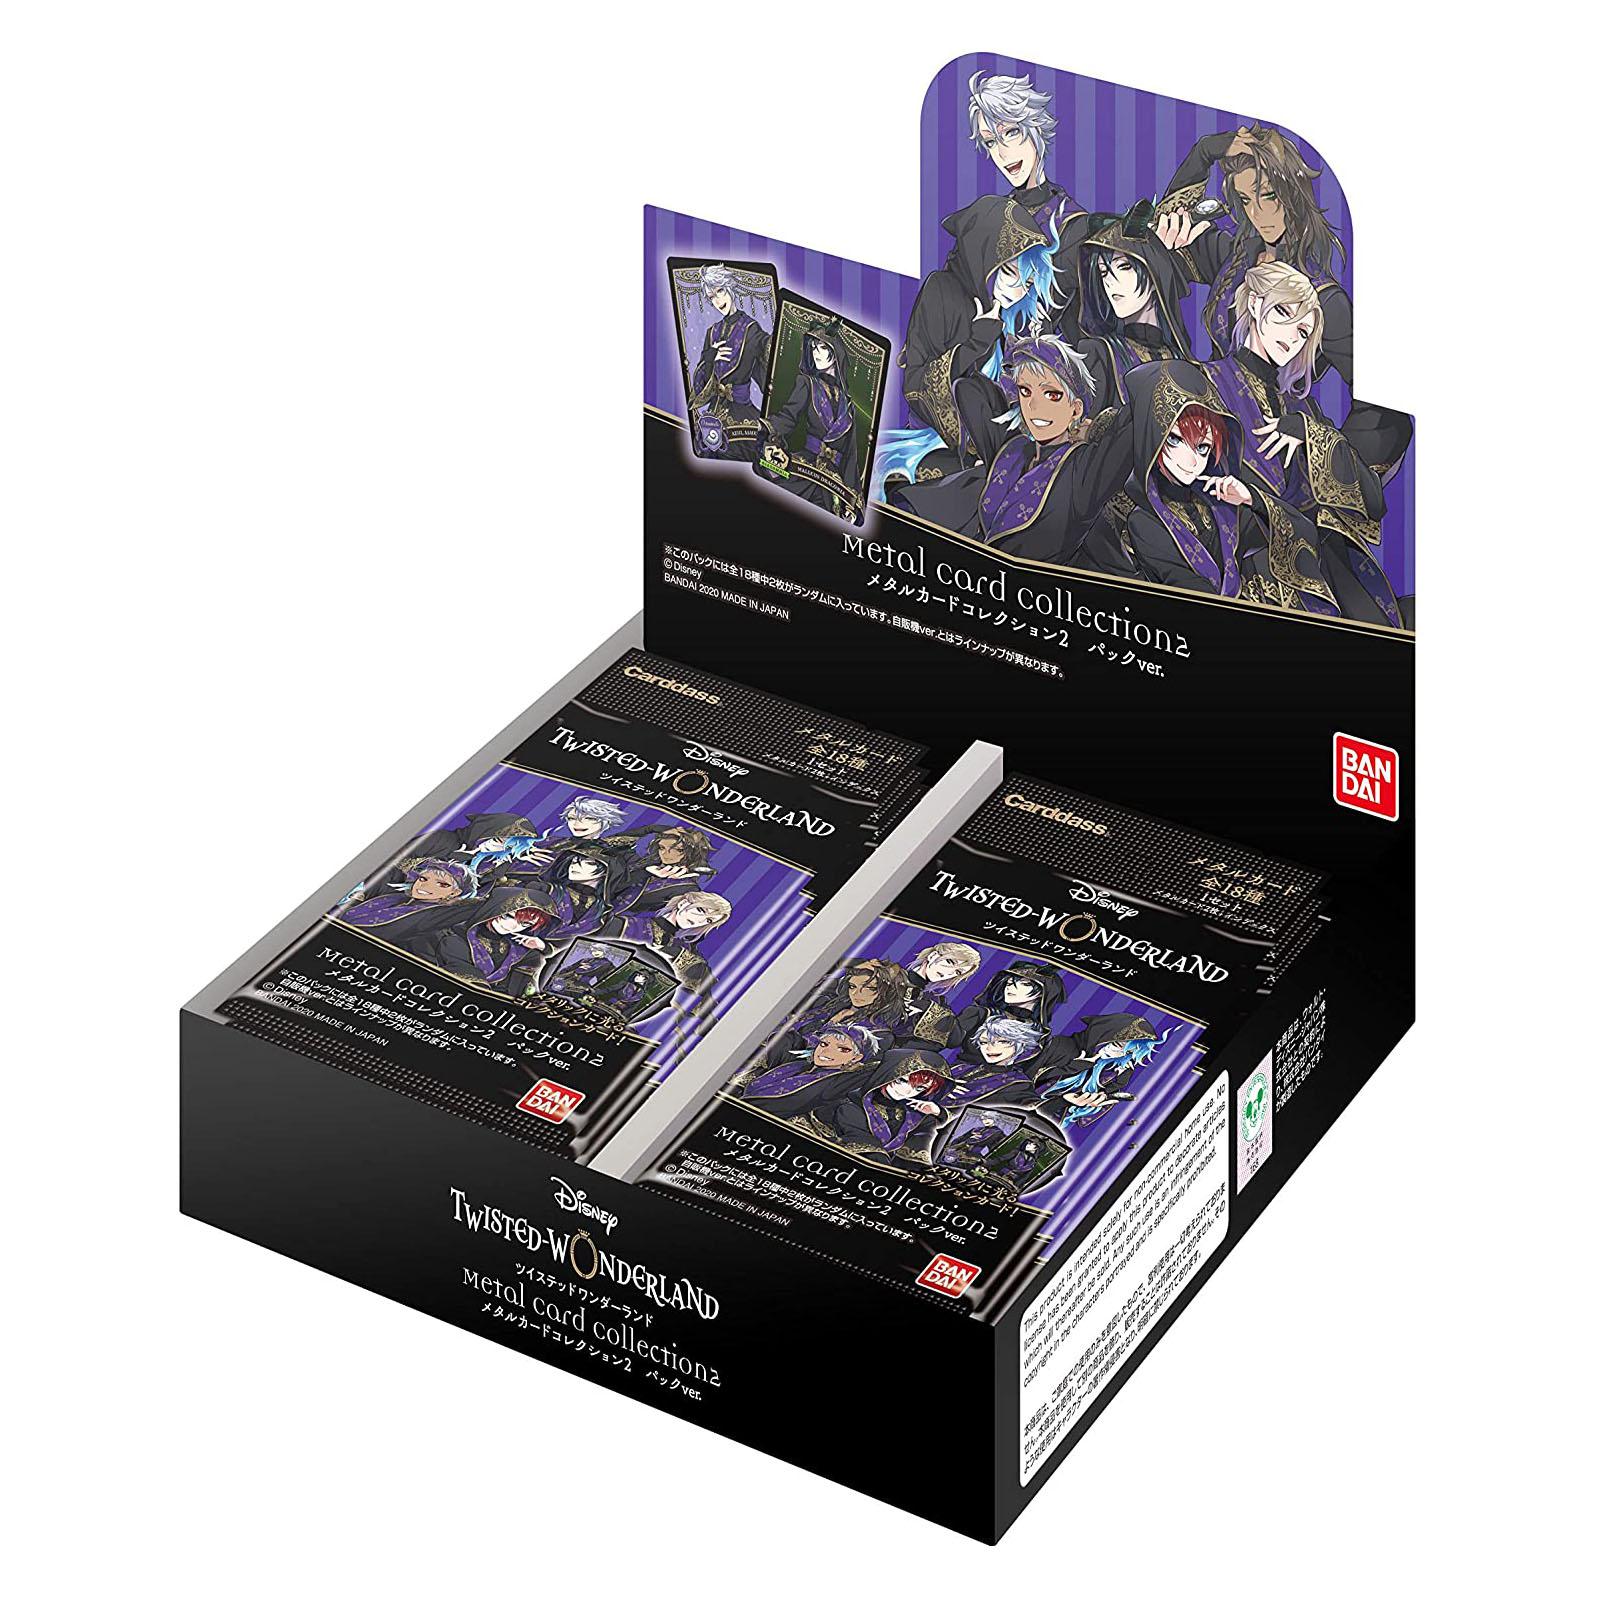 ディズニー ツイステッドワンダーランド『メタルカードコレクション2 パックver.』20パック入りBOX-001